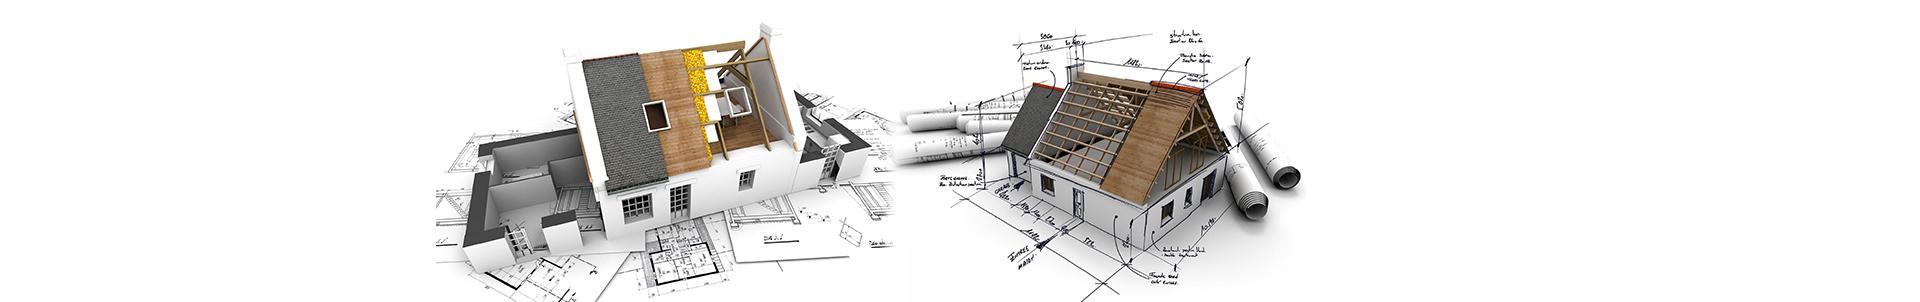 виготовлення швидкомонтованих будинків